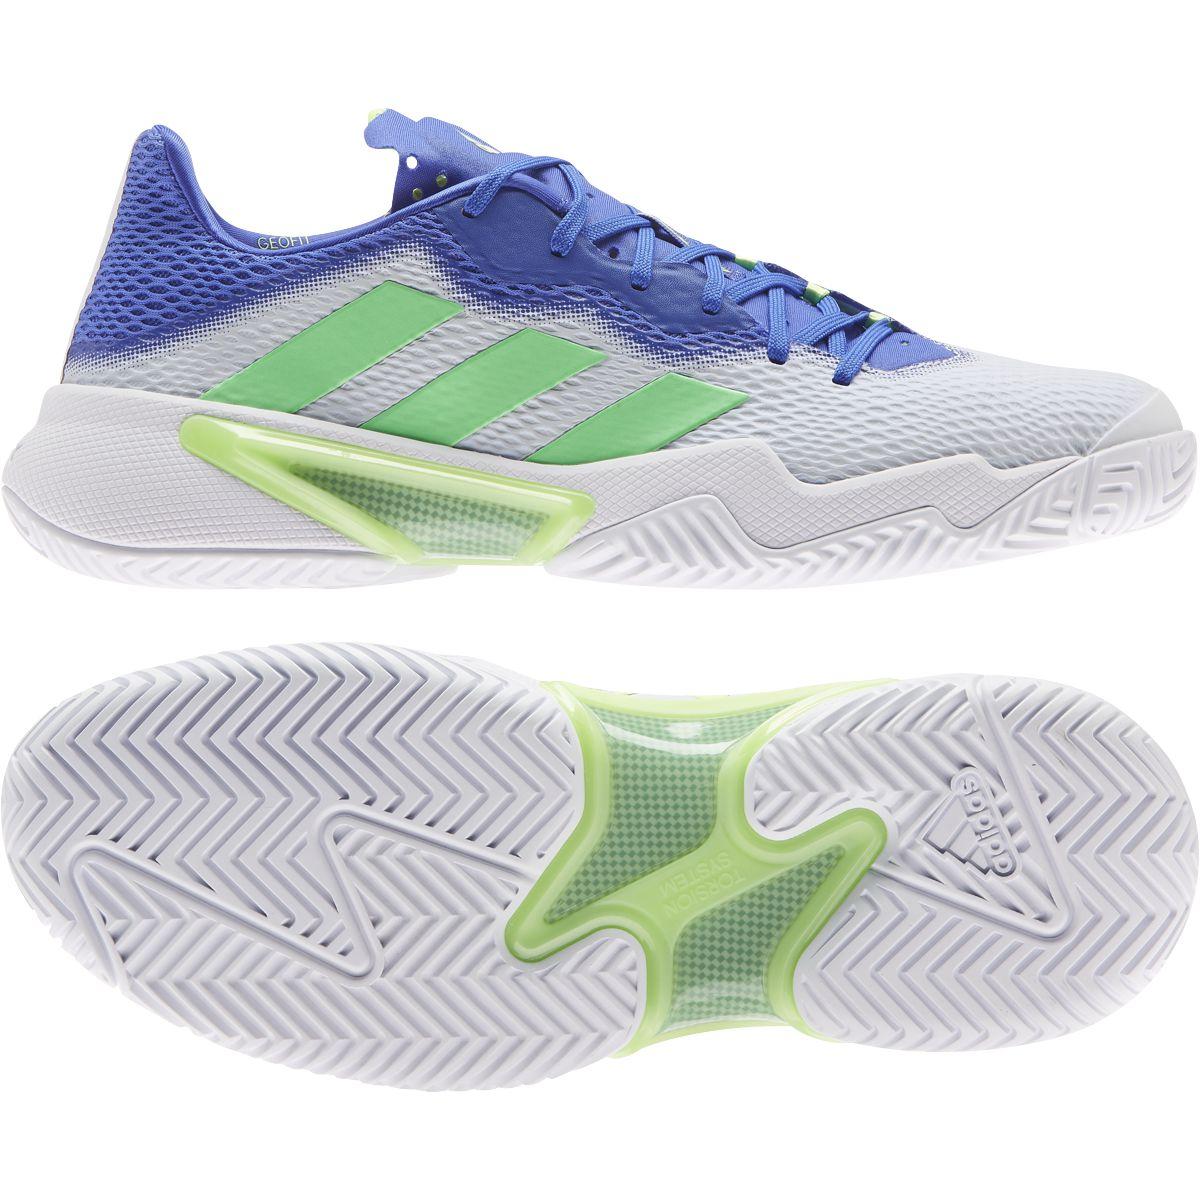 Comfort, leggerezza e velocità con le nuove Adidas Barricade nella versione azzurro e verde